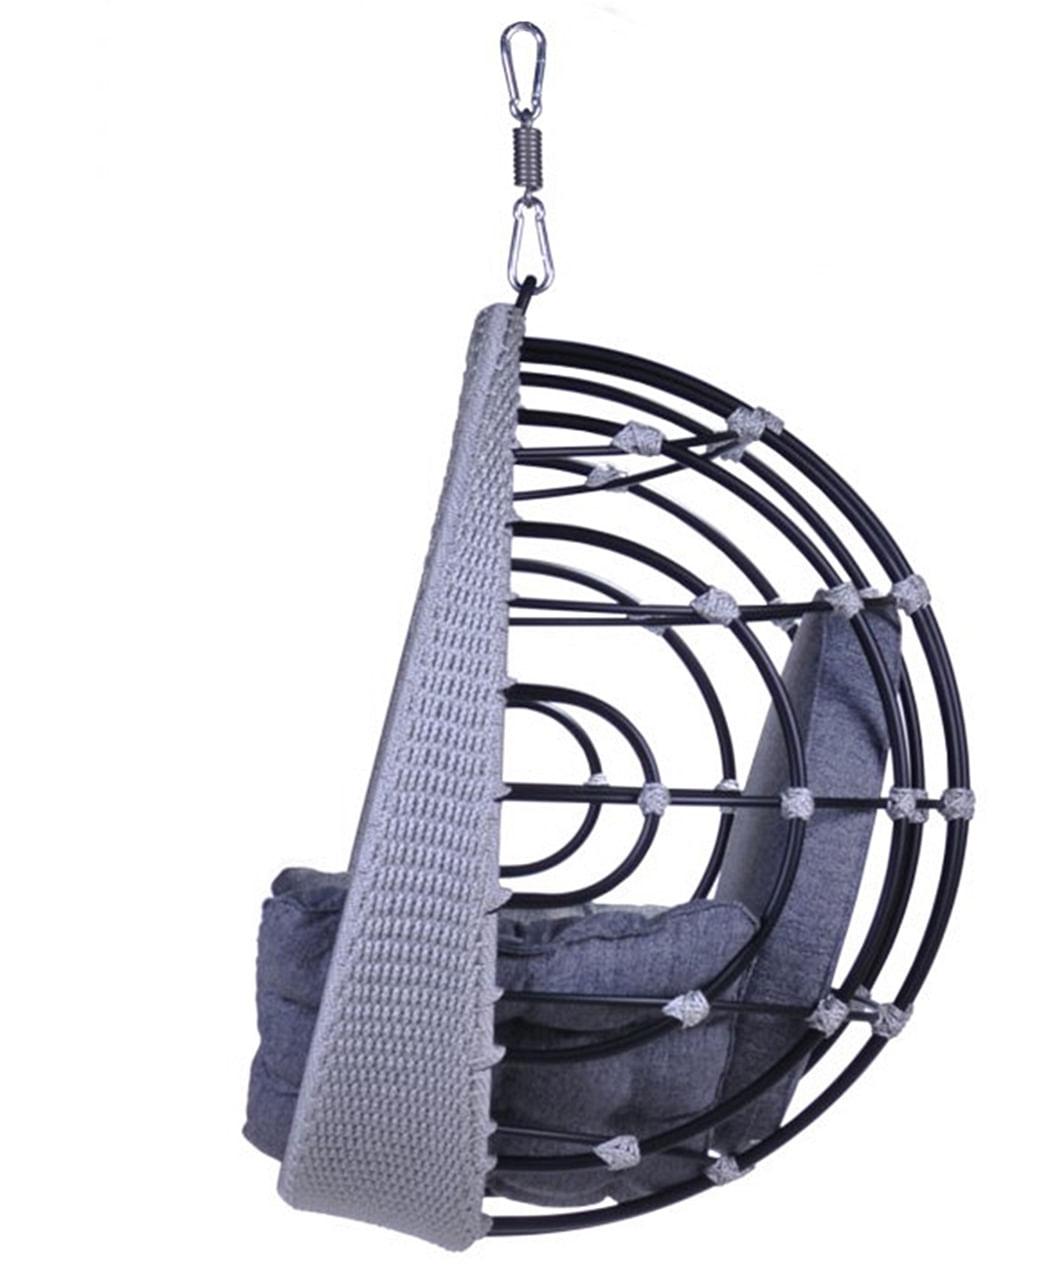 Poltrona de Balanco Bowl em Aluminio Revestido em Corda cor Azul - 45200